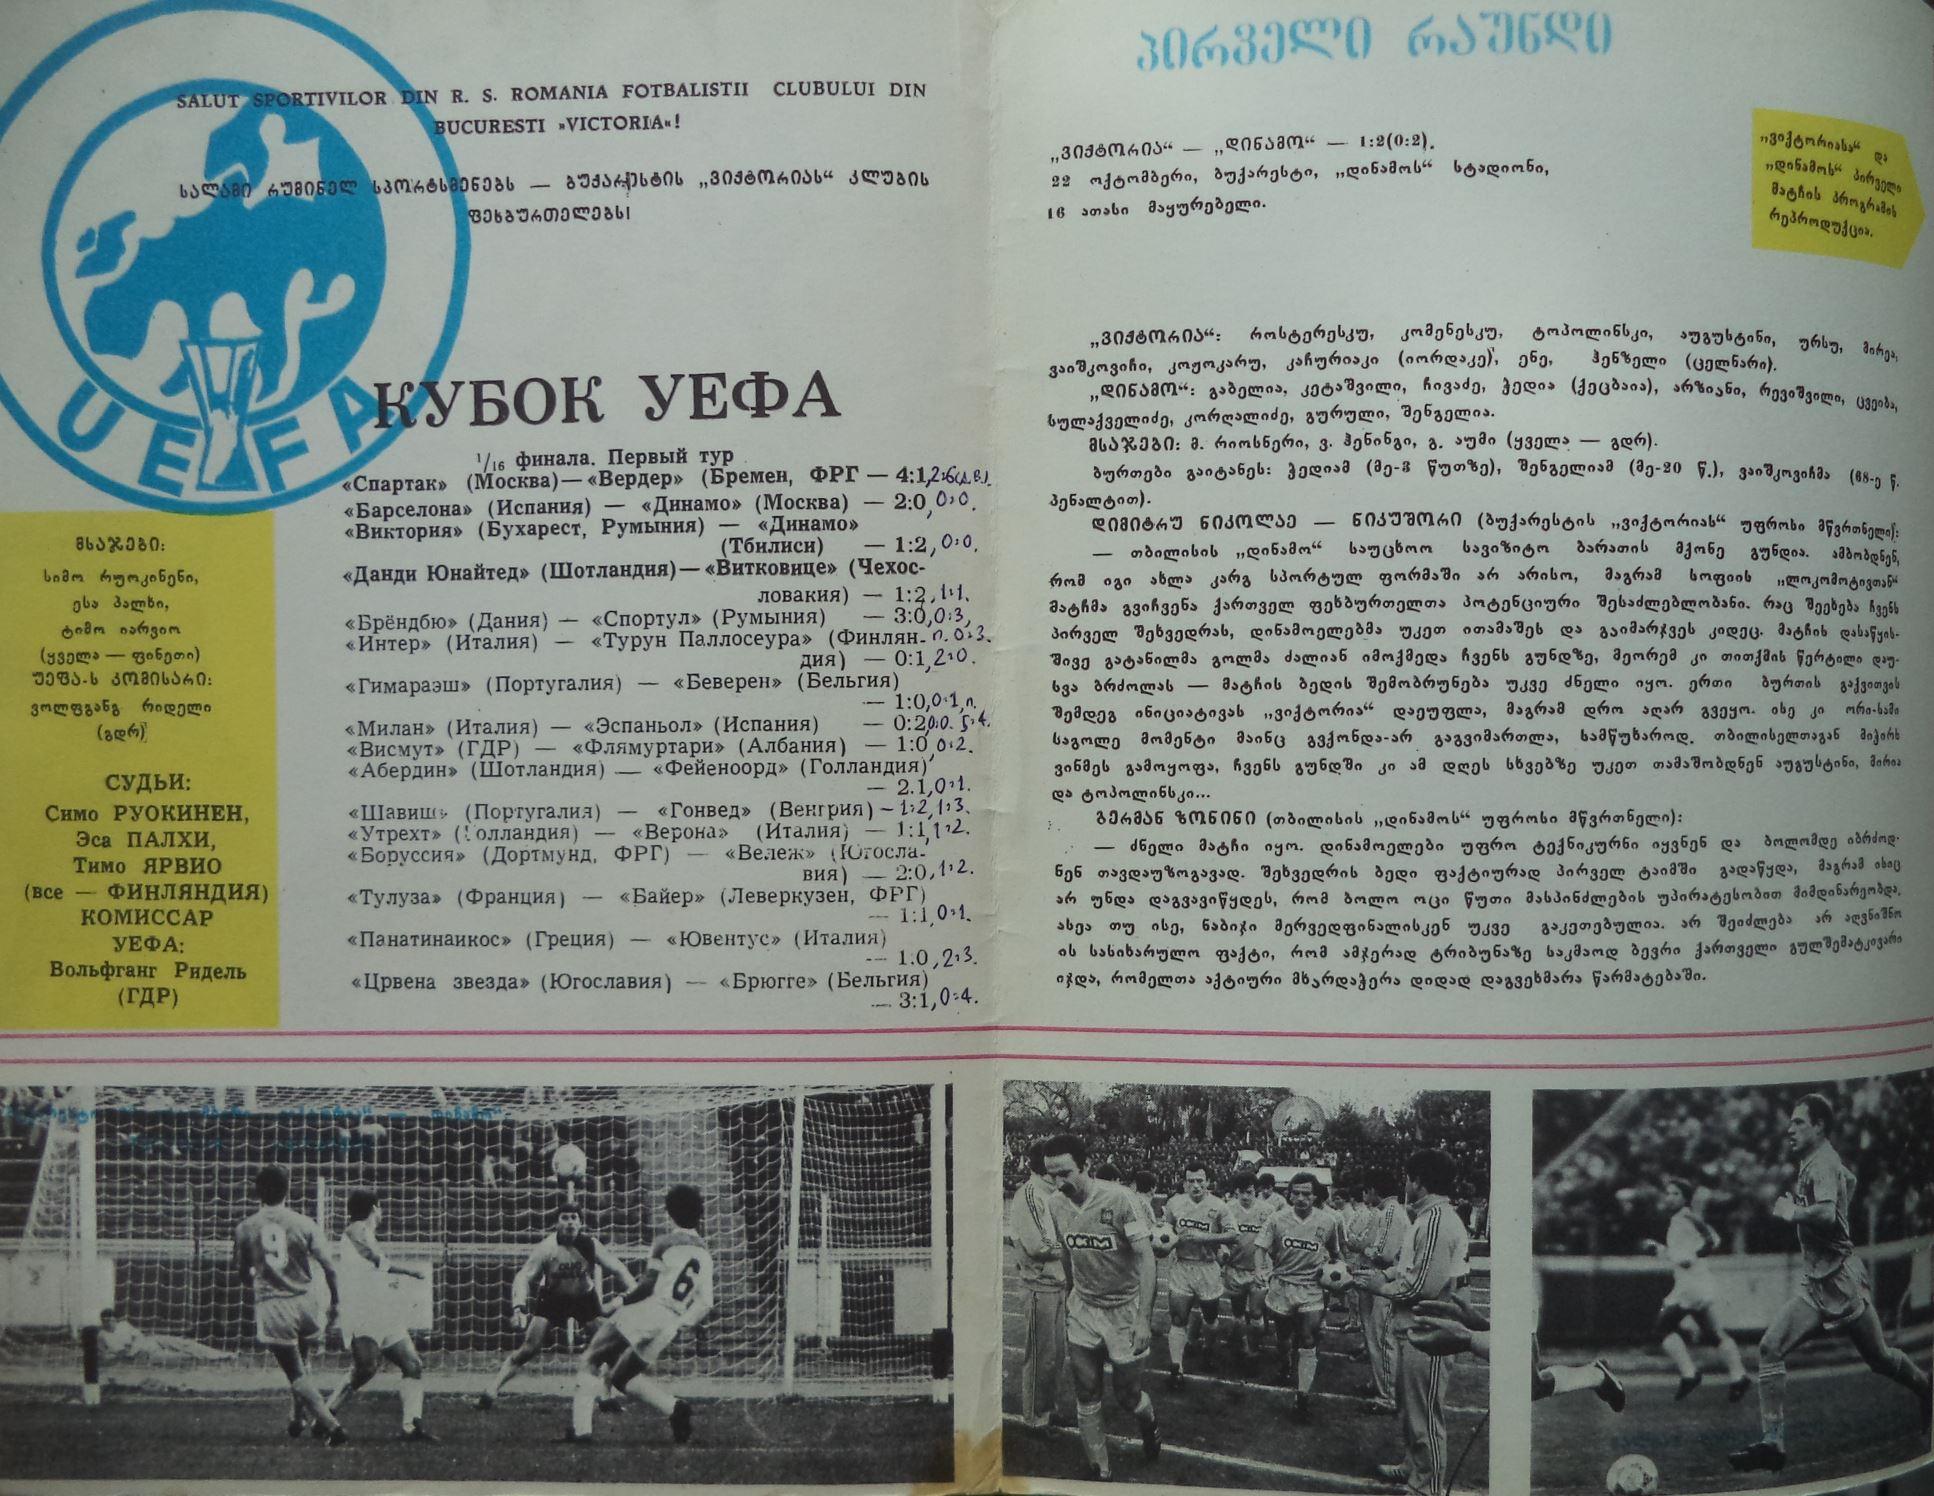 Динамо Тб (СССР) - Виктория (Румыния) 0:0